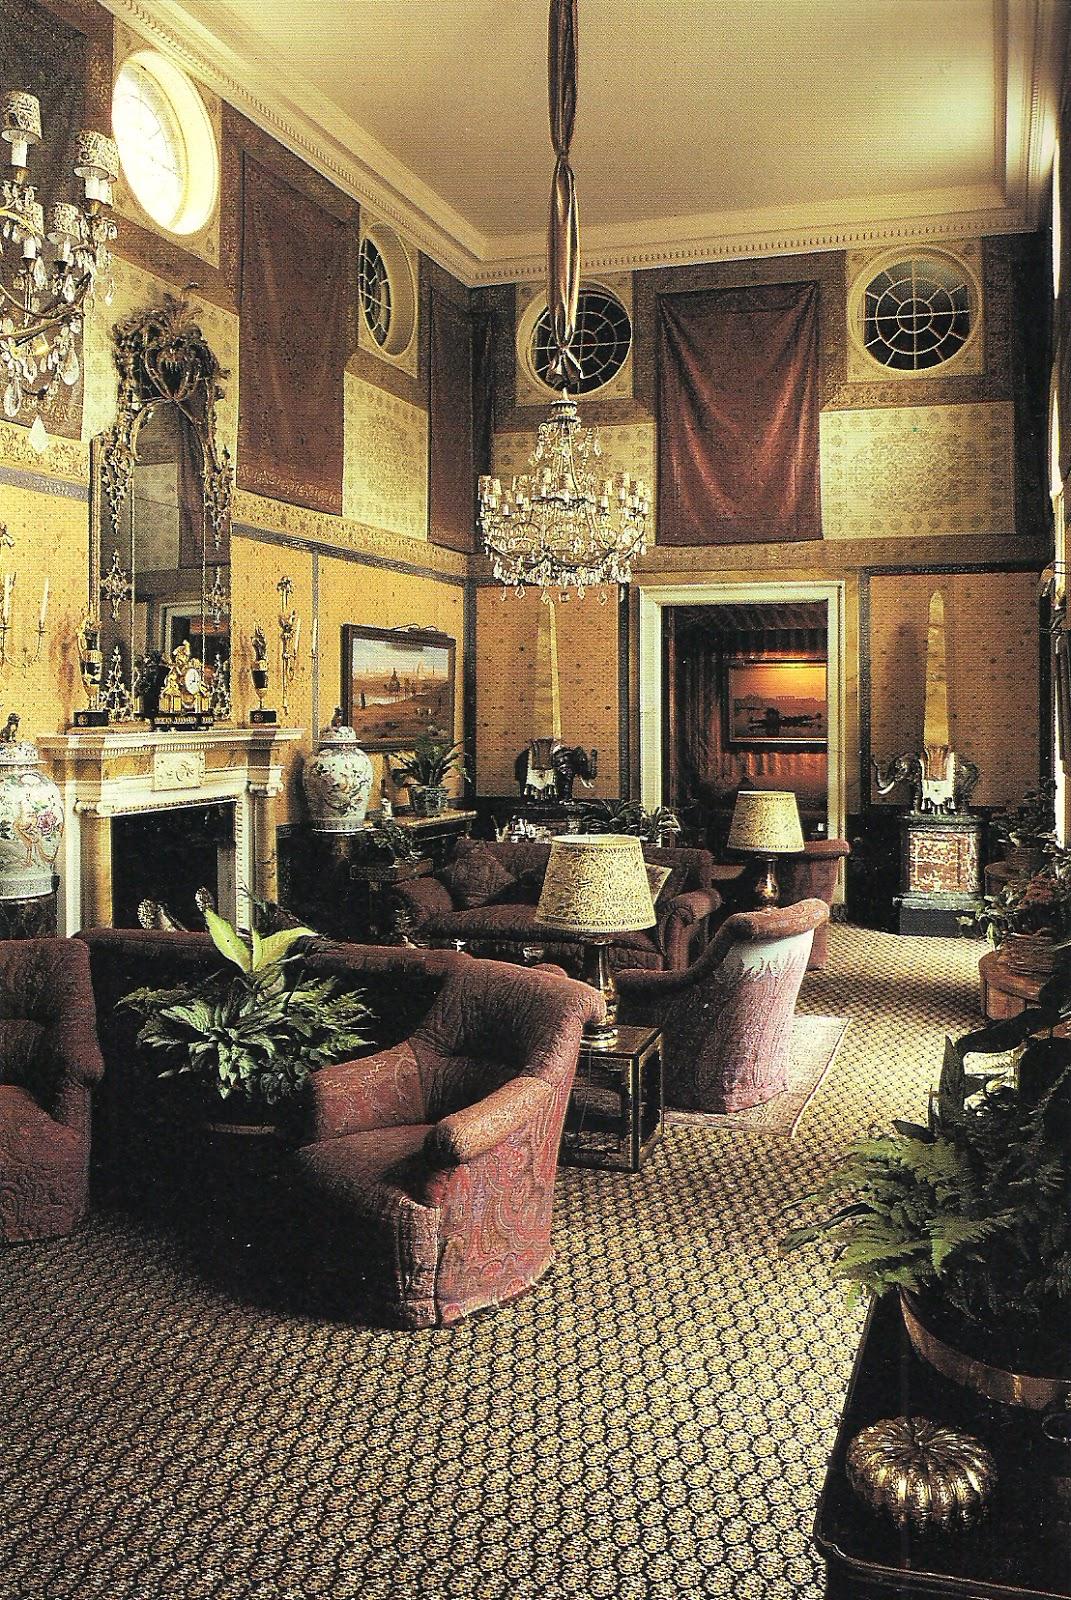 The devoted classicist mongiardino for princess firyal london - Blog di interior design ...